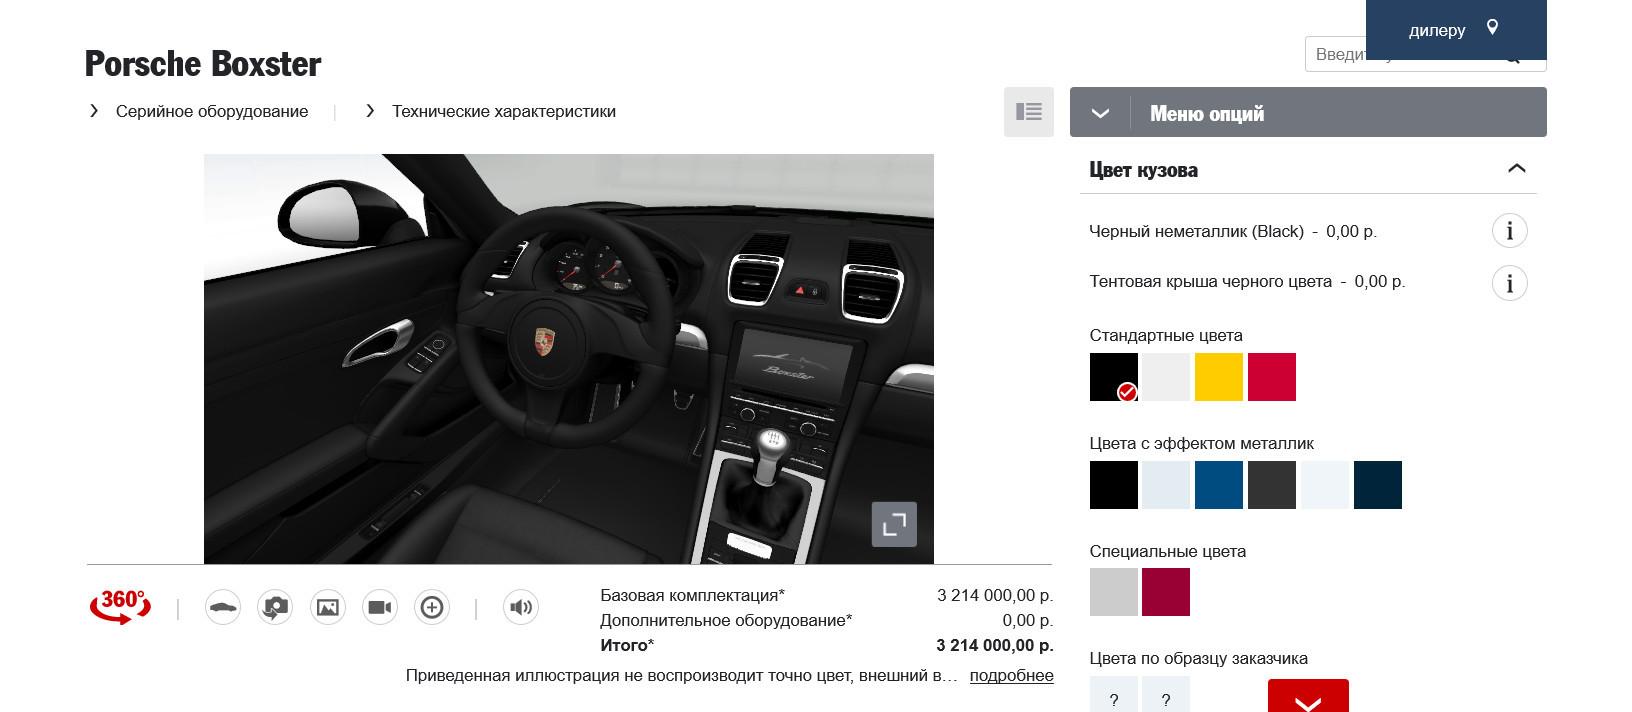 Автомобильные конфигураторы как зеркало революции веб-технологий - 7